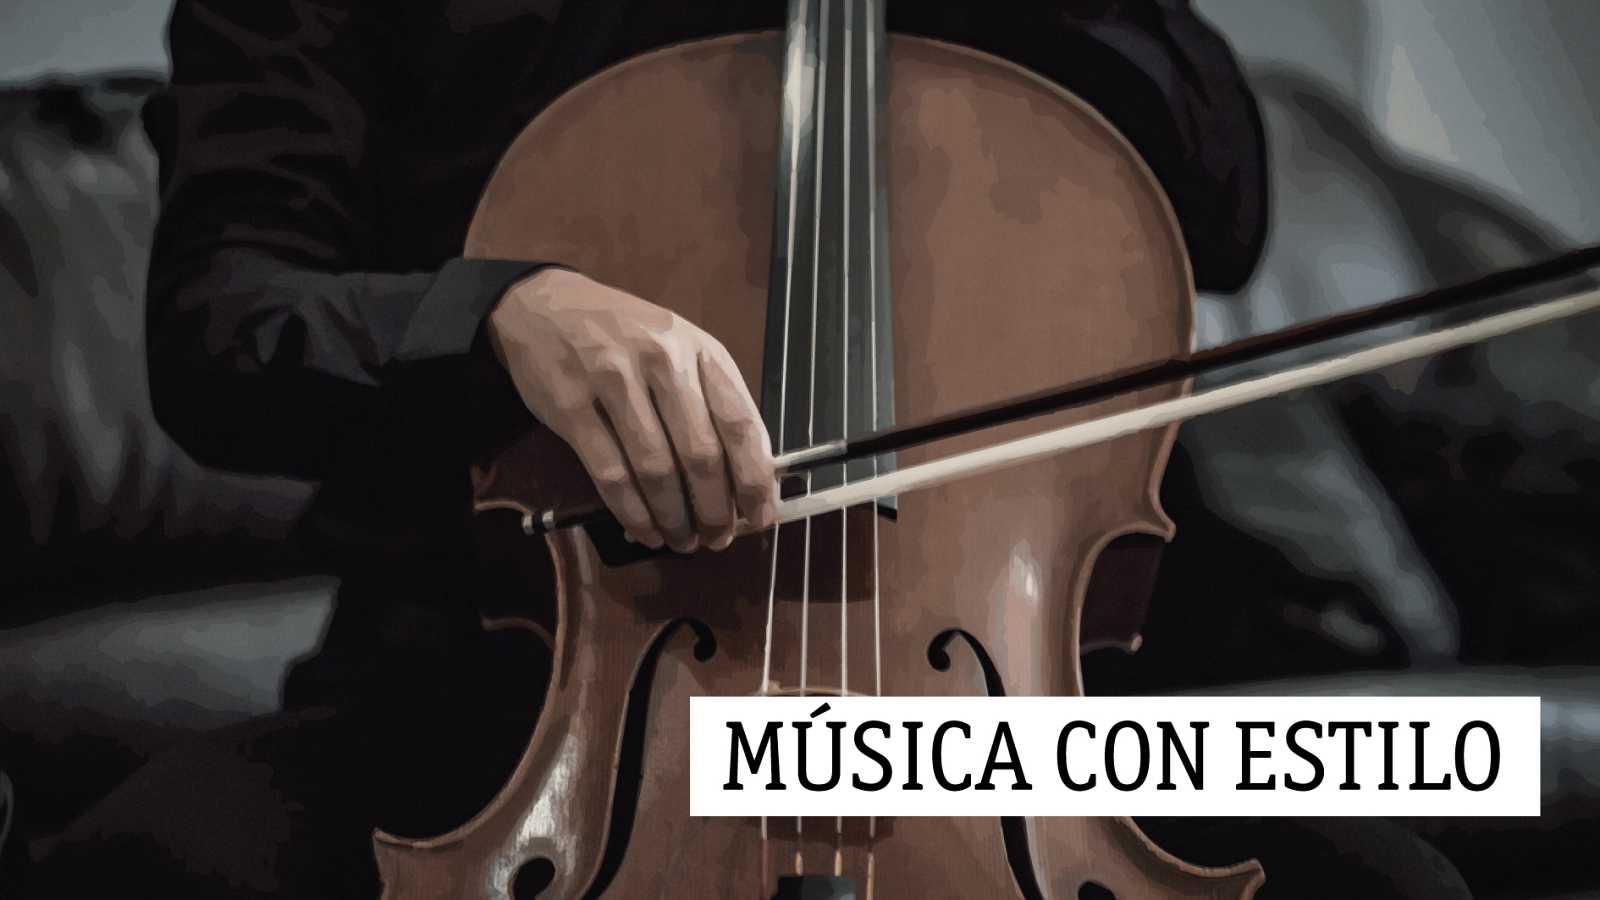 Música con estilo - Beethoven y la libertad - 08/09/19 - escuchar ahora